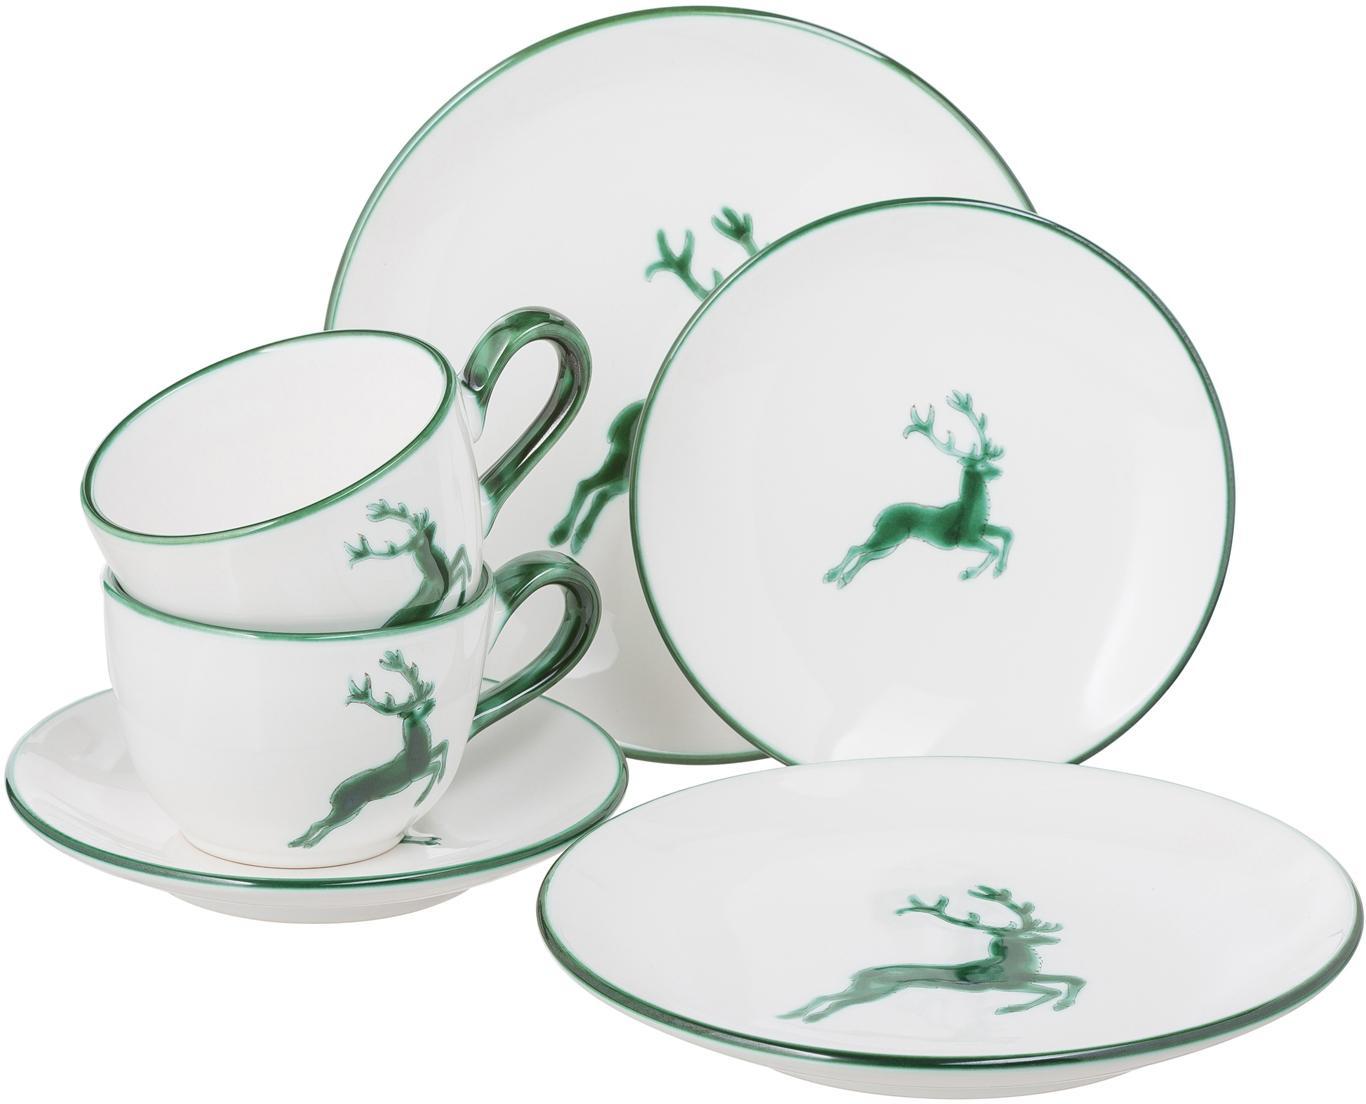 Koffieservies Classic Groene Hert, 2 personen (6-delig), Keramiek, Groen, wit, Set met verschillende formaten